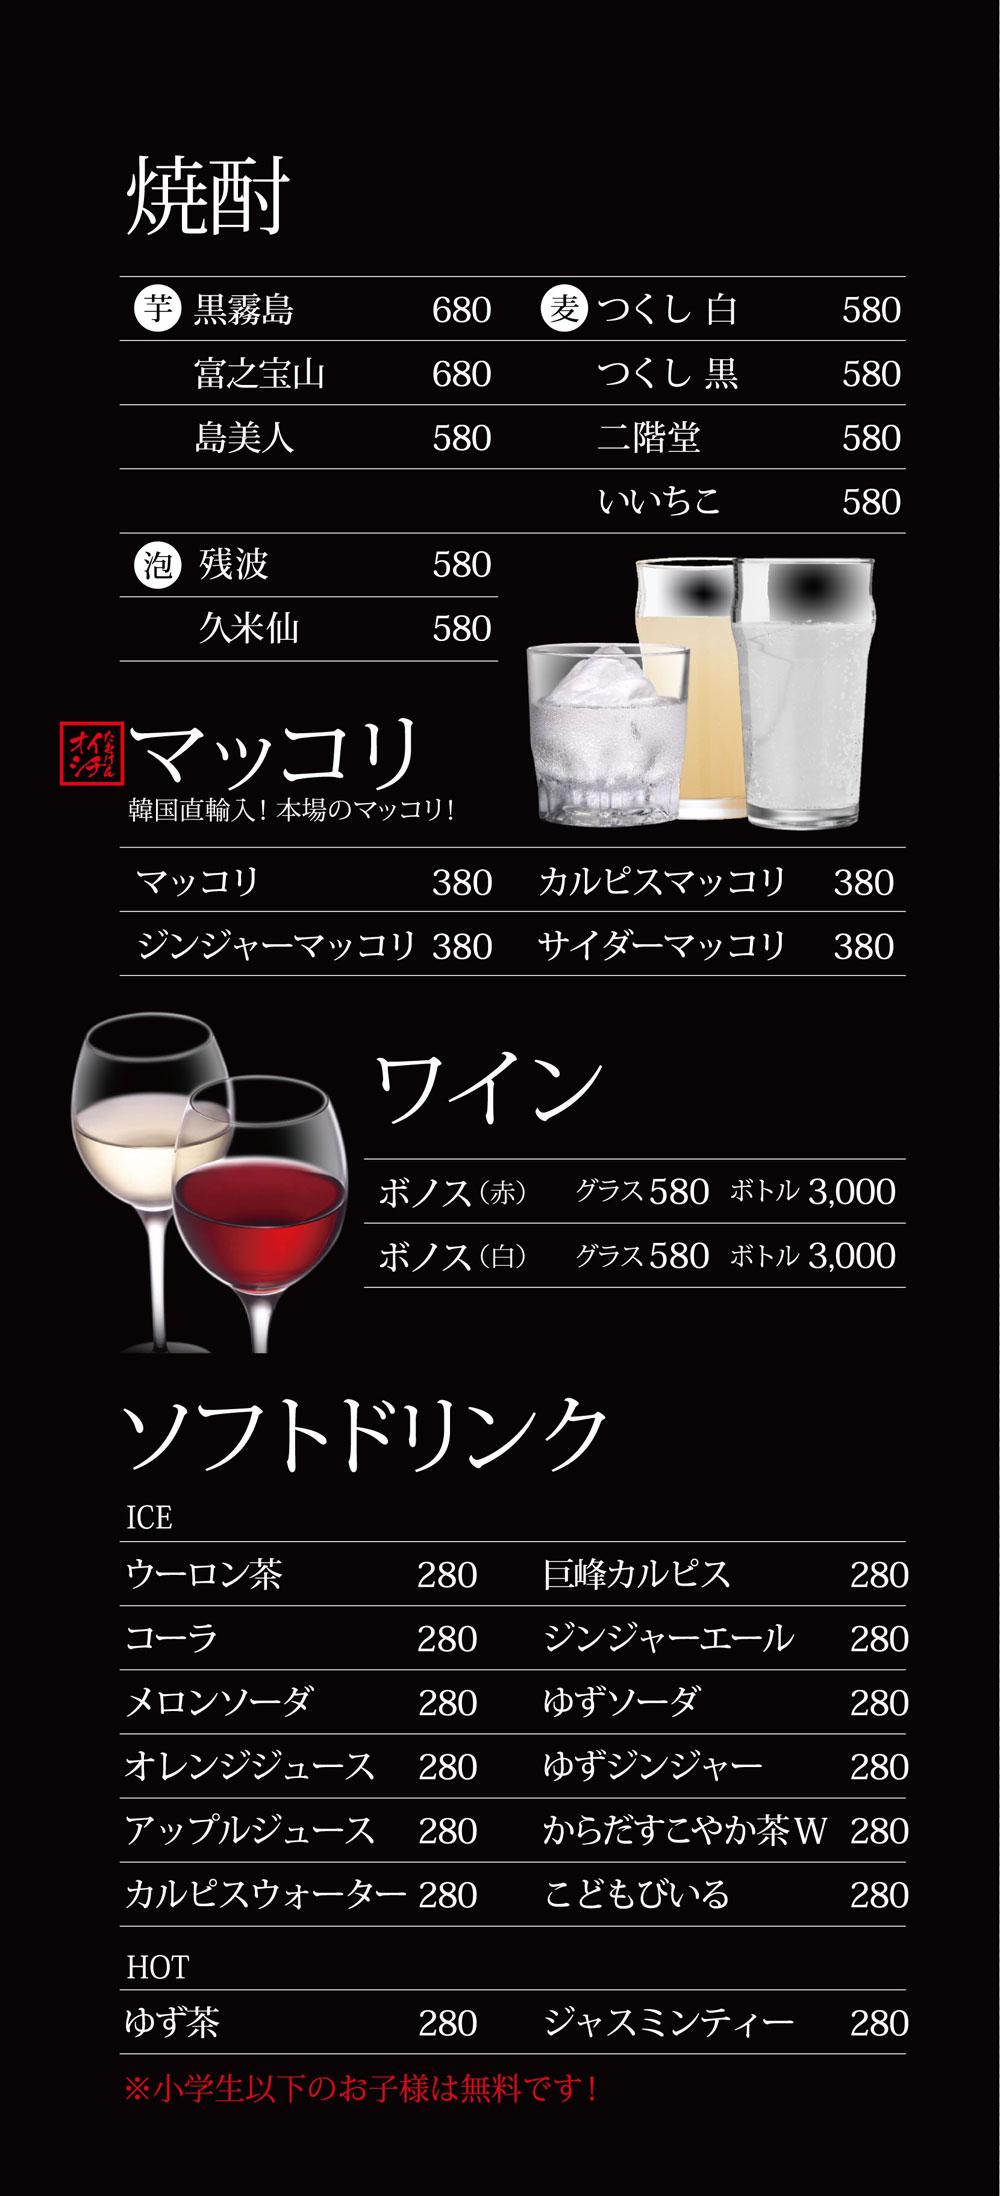 焼酎・ワイン・ソフトドリンクメニュー